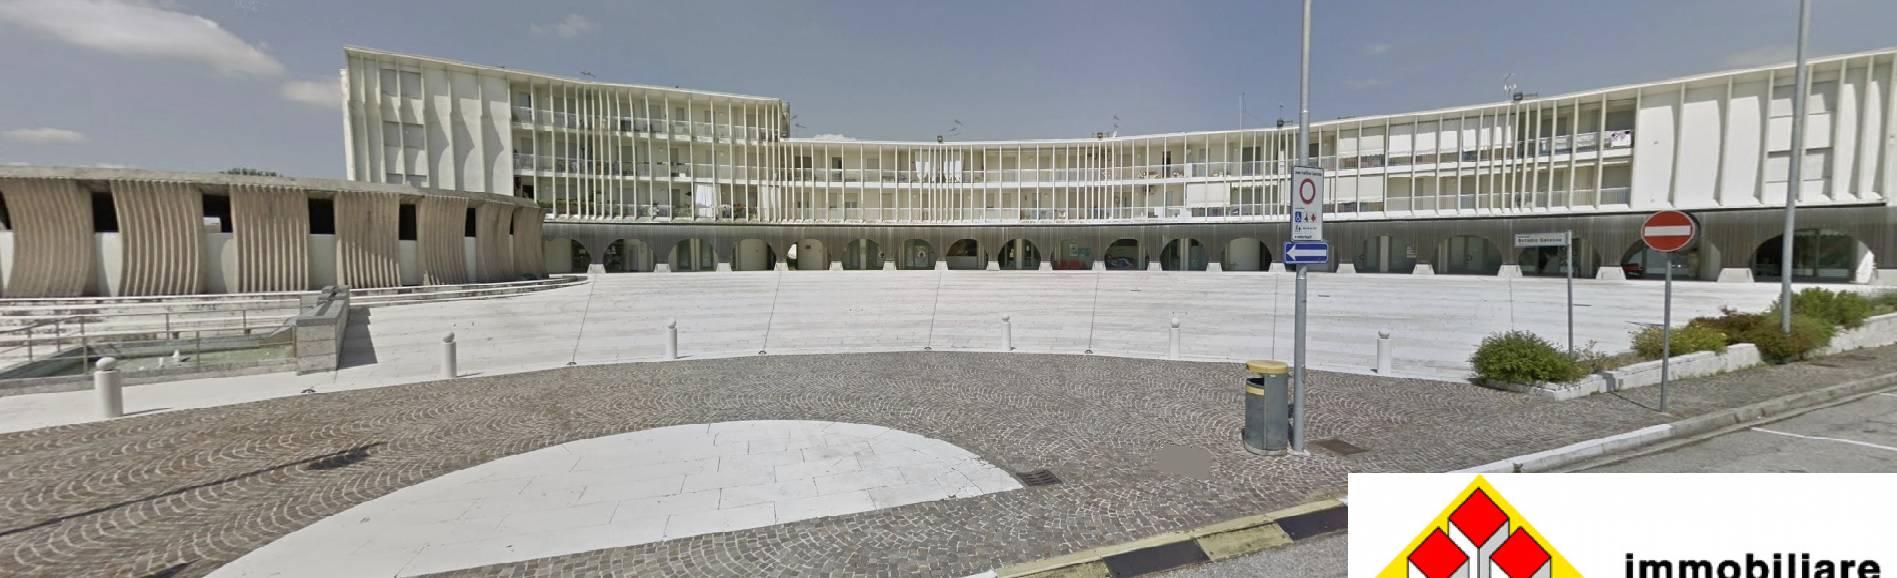 Appartamento in vendita a San Michele al Tagliamento, 3 locali, prezzo € 58.000 | PortaleAgenzieImmobiliari.it